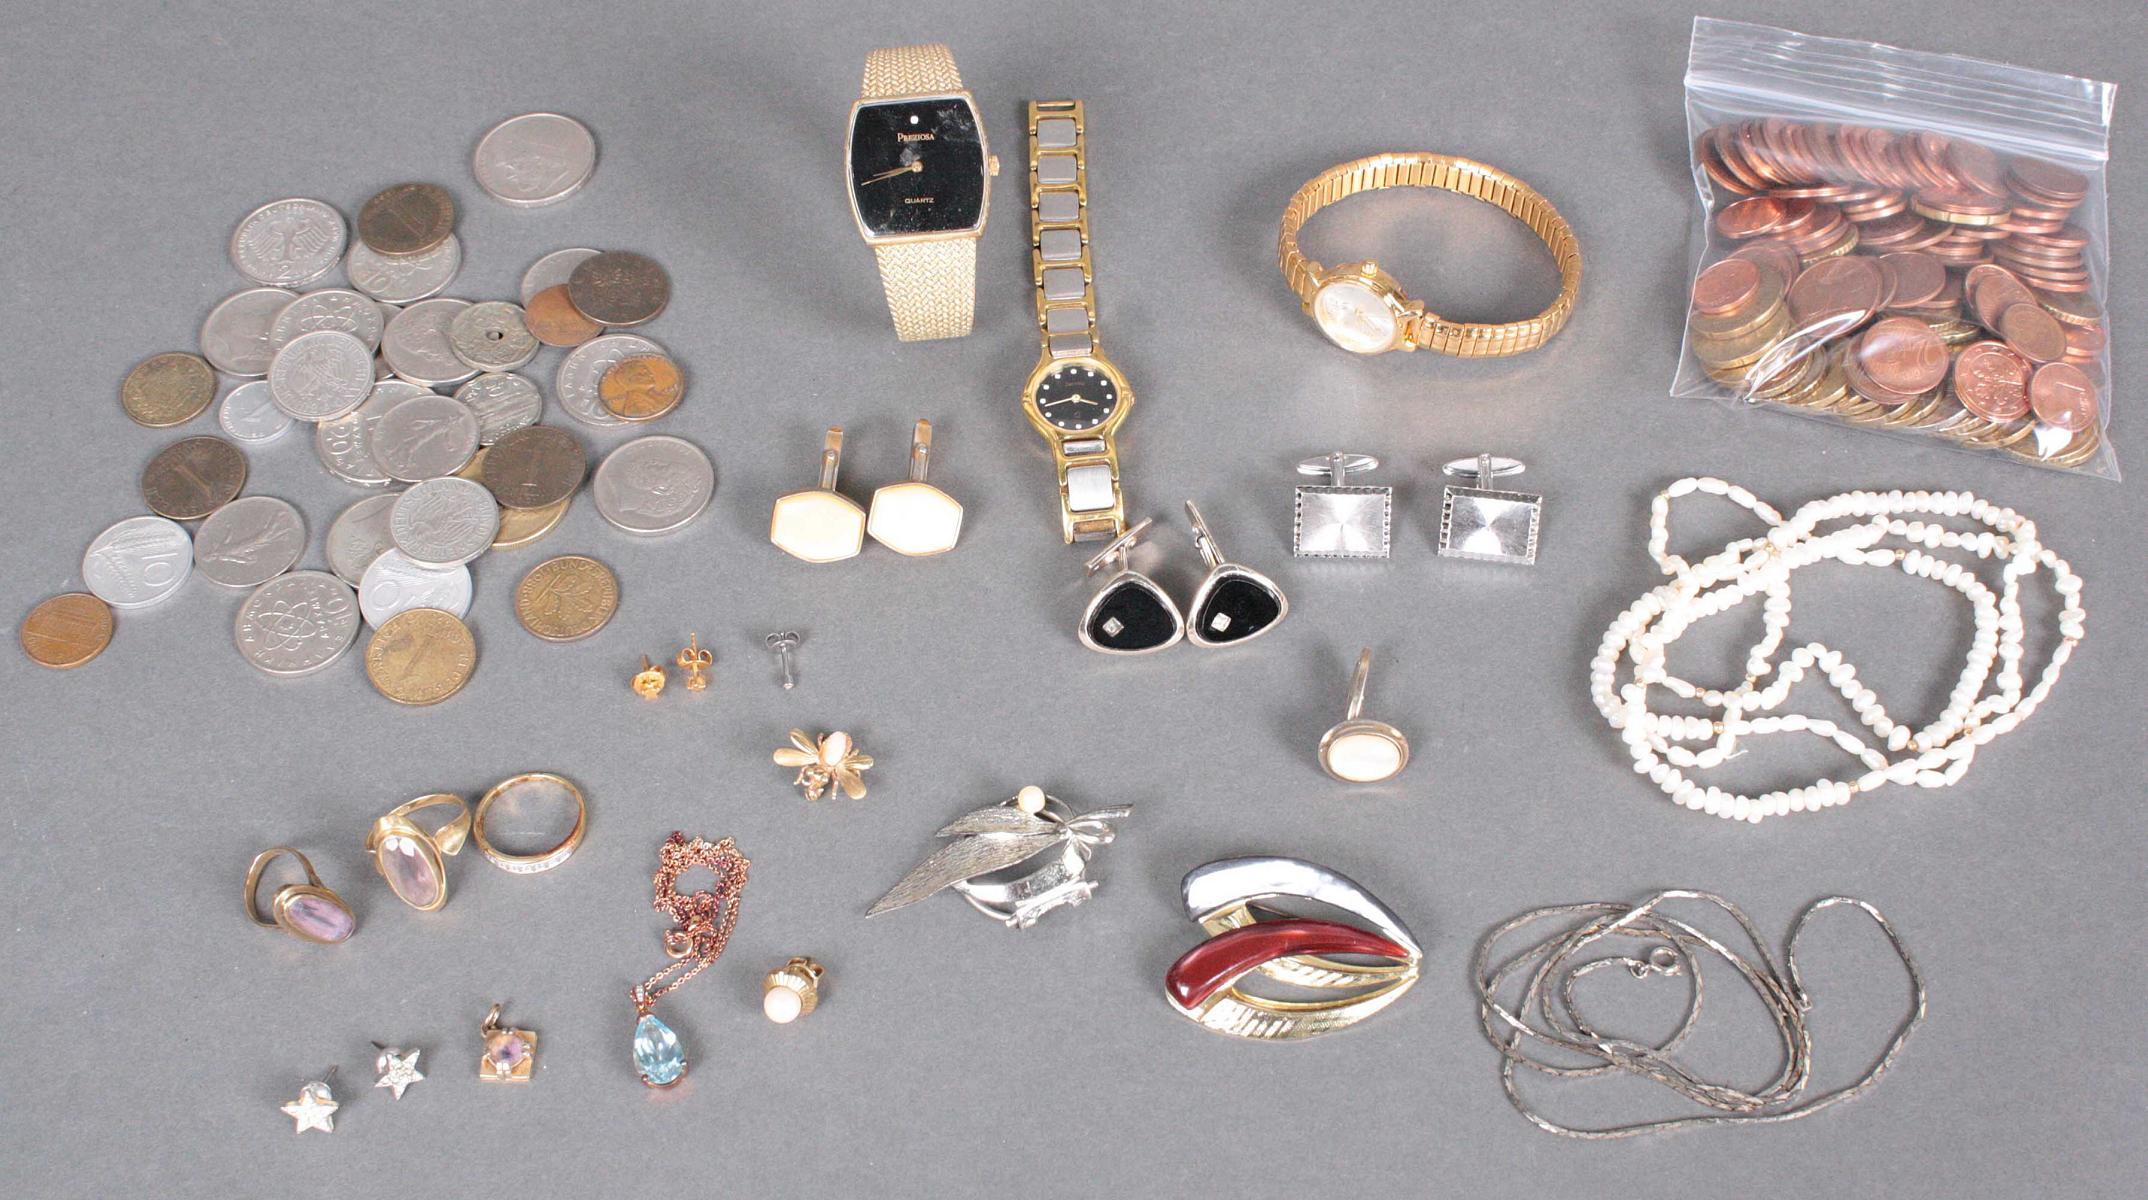 Nachlass aus Schmuck, Modeschmuck und Münzen